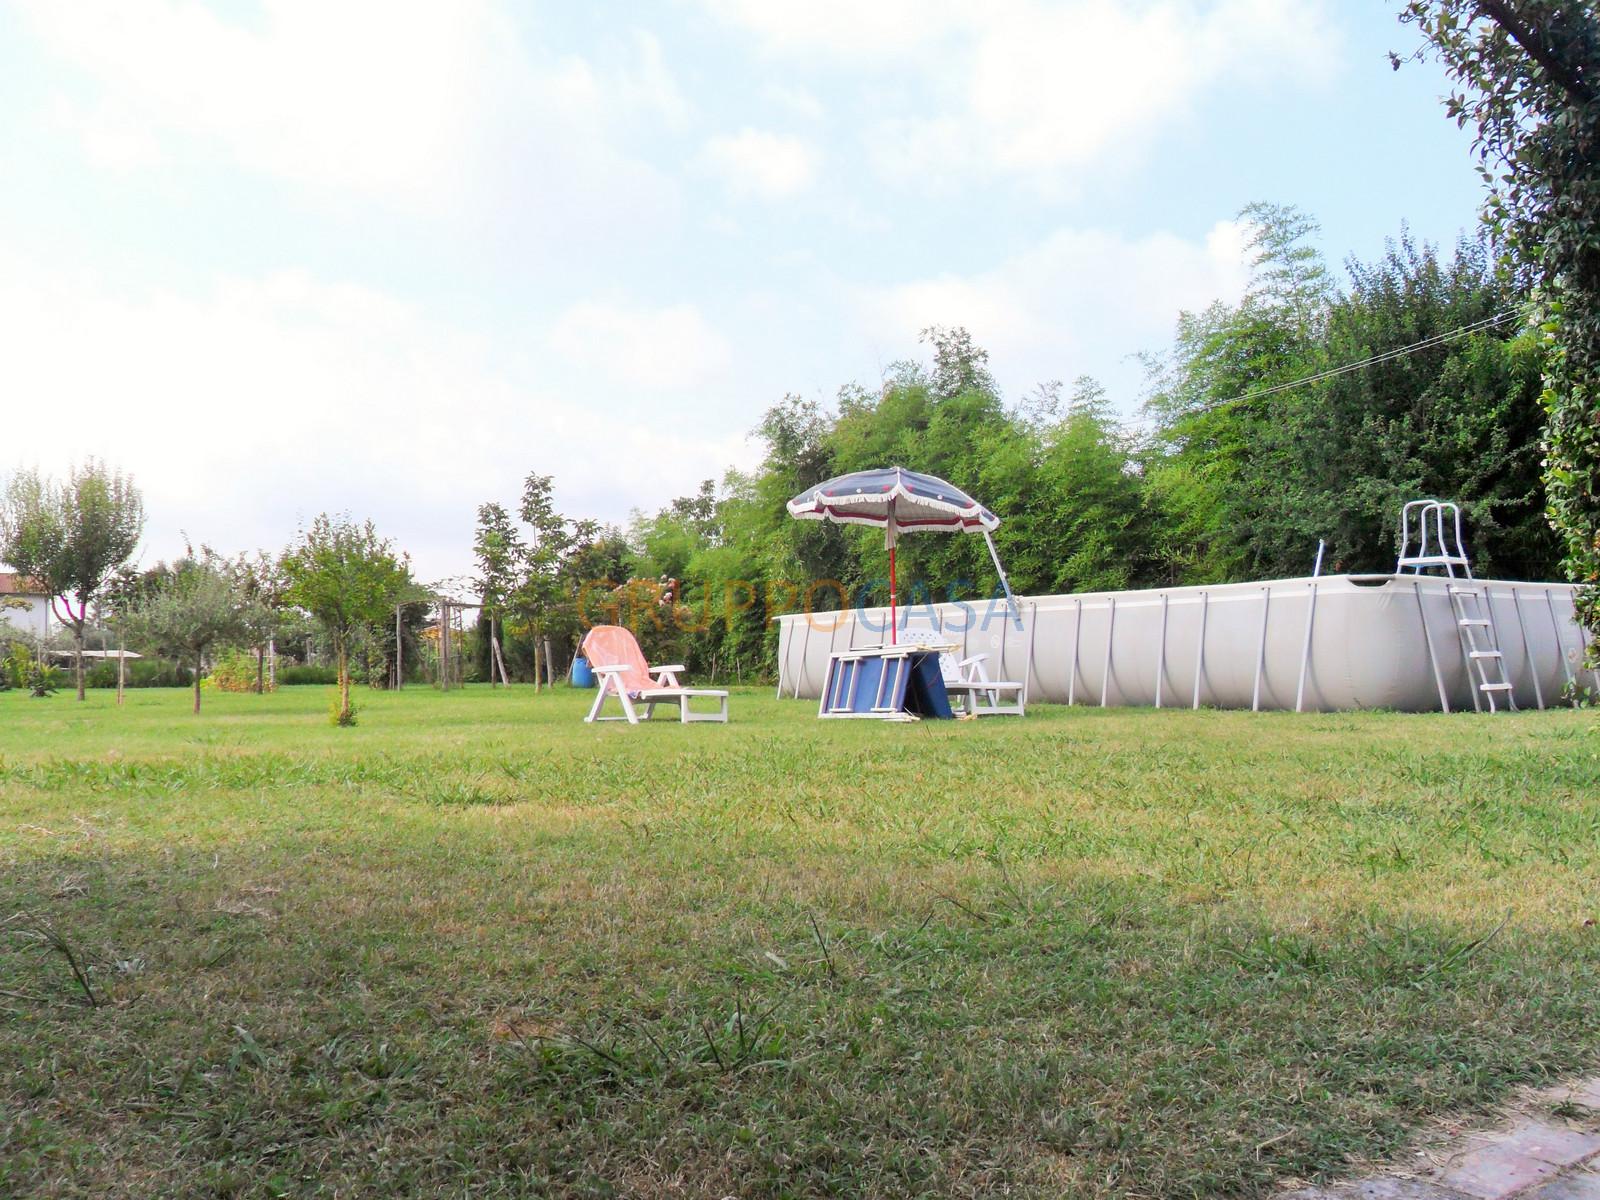 Rustico / Casale in vendita a Uzzano, 6 locali, zona Zona: Torricchio, prezzo € 218.000 | Cambio Casa.it